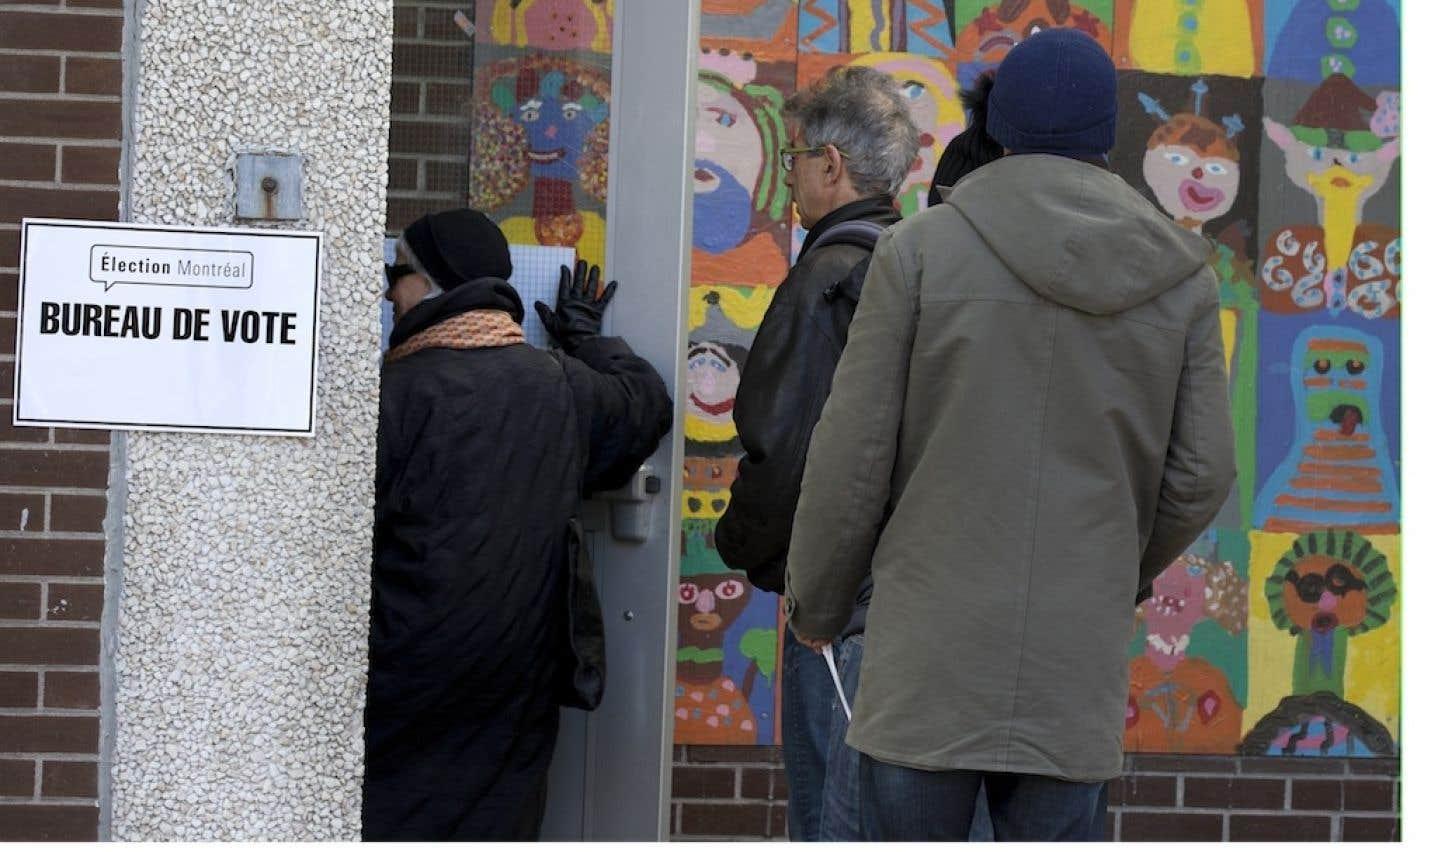 Élections municipales - Taux de participation en légère hausse